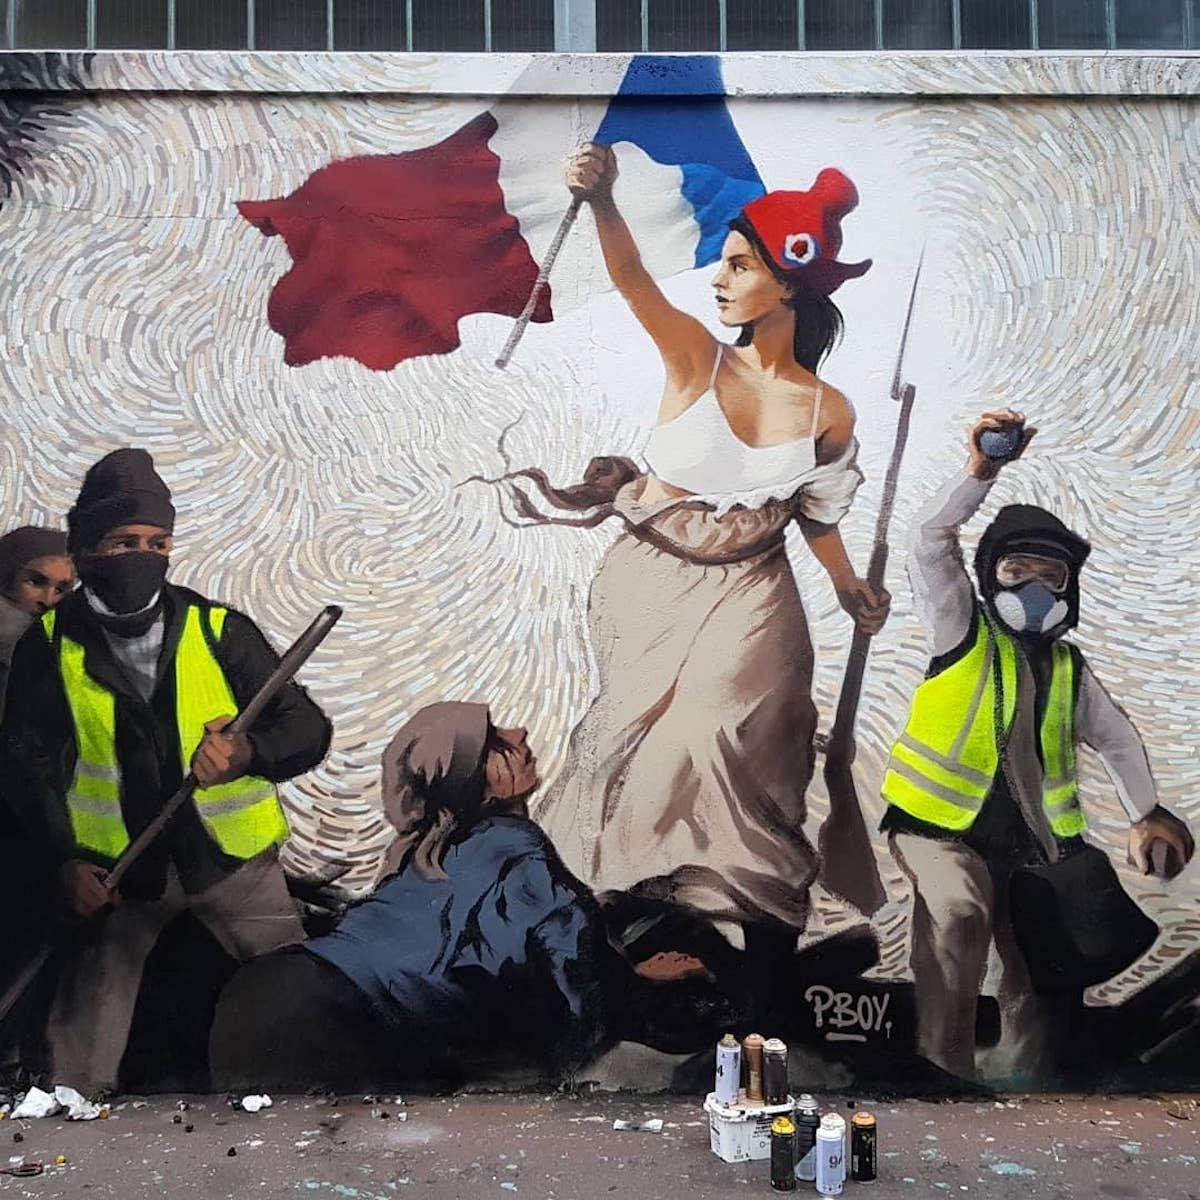 """gilets jaunes delacroix street art 01.jpg?resize=412,232 - Cet artiste a détourné """"La Liberté guidant le peuple"""" avec des gilets jaunes"""